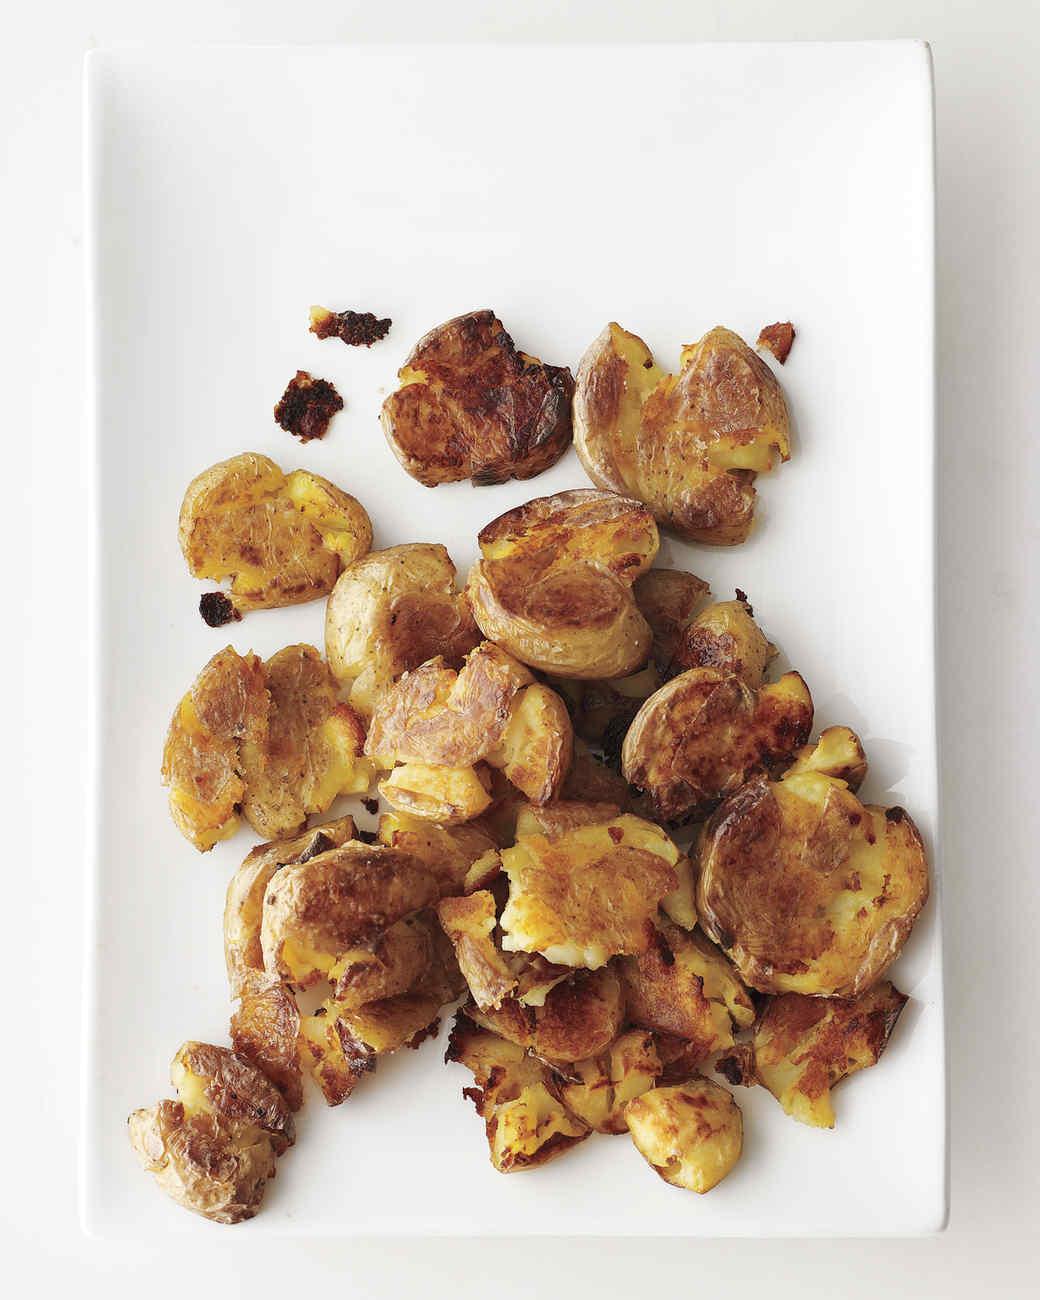 Sarah's Smashed Potatoes